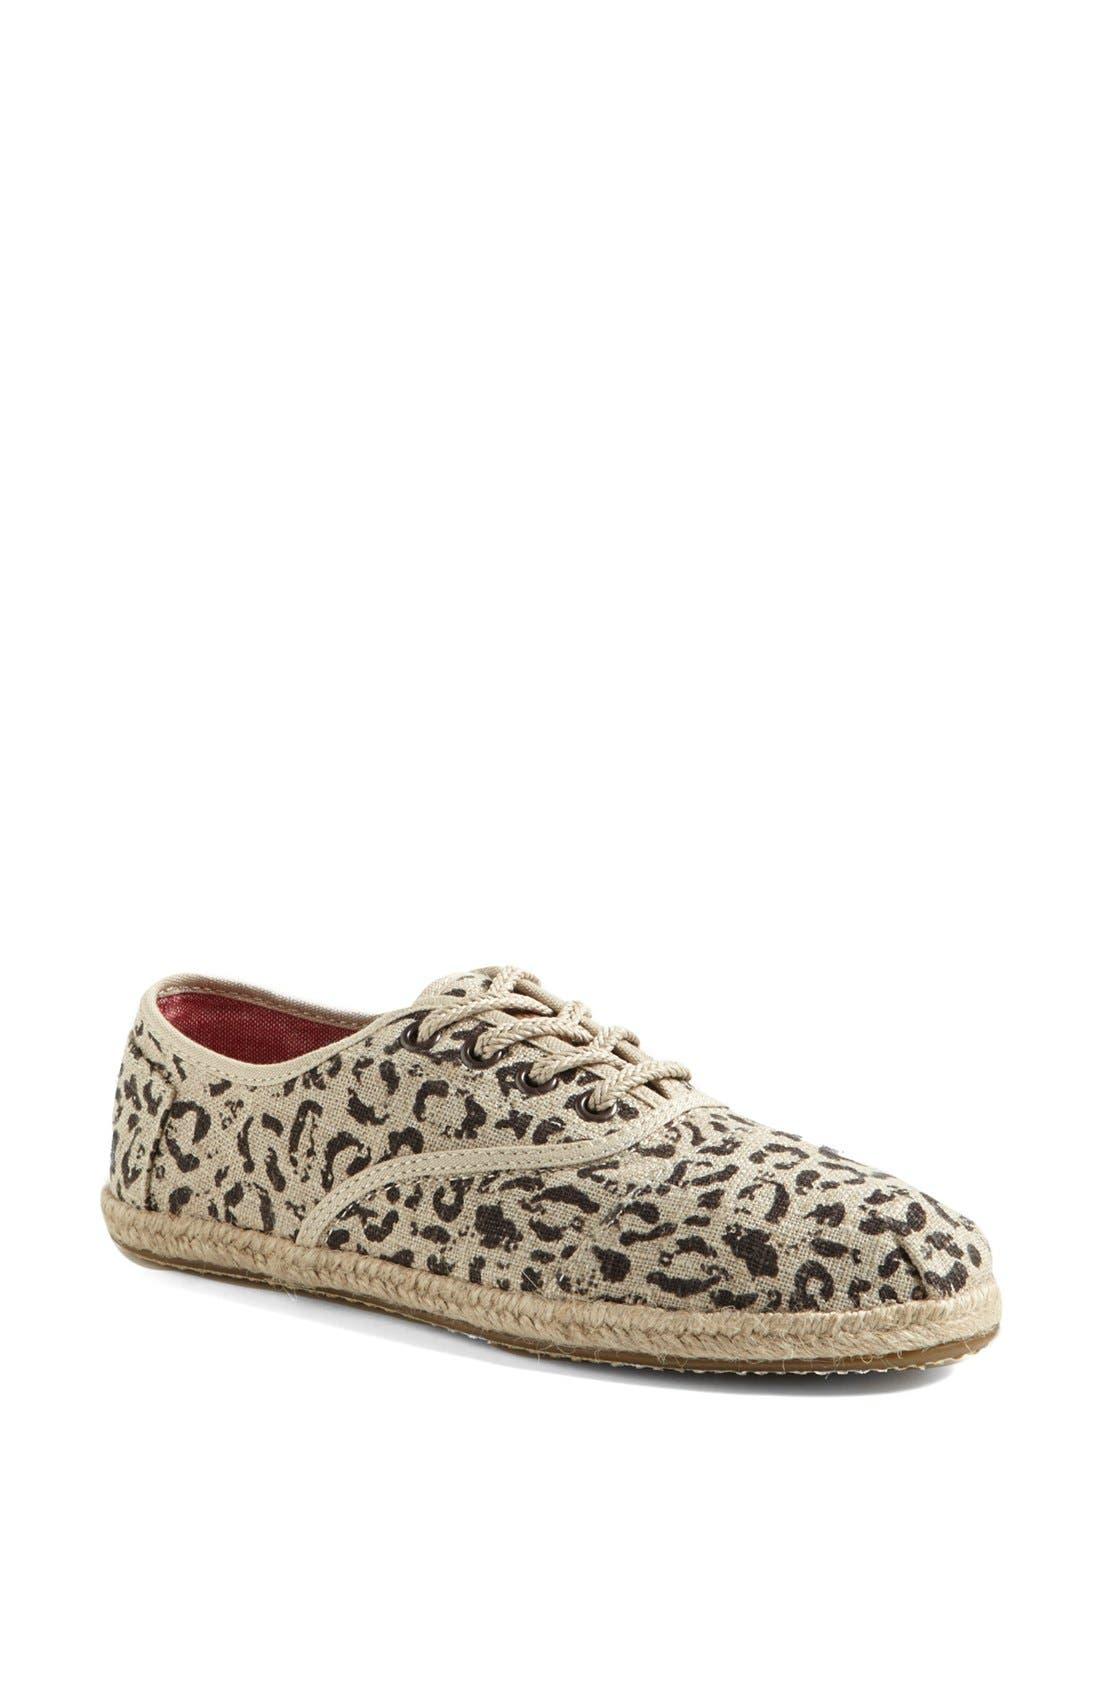 Alternate Image 1 Selected - TOMS 'Cordones' Burlap Sneaker (Women)